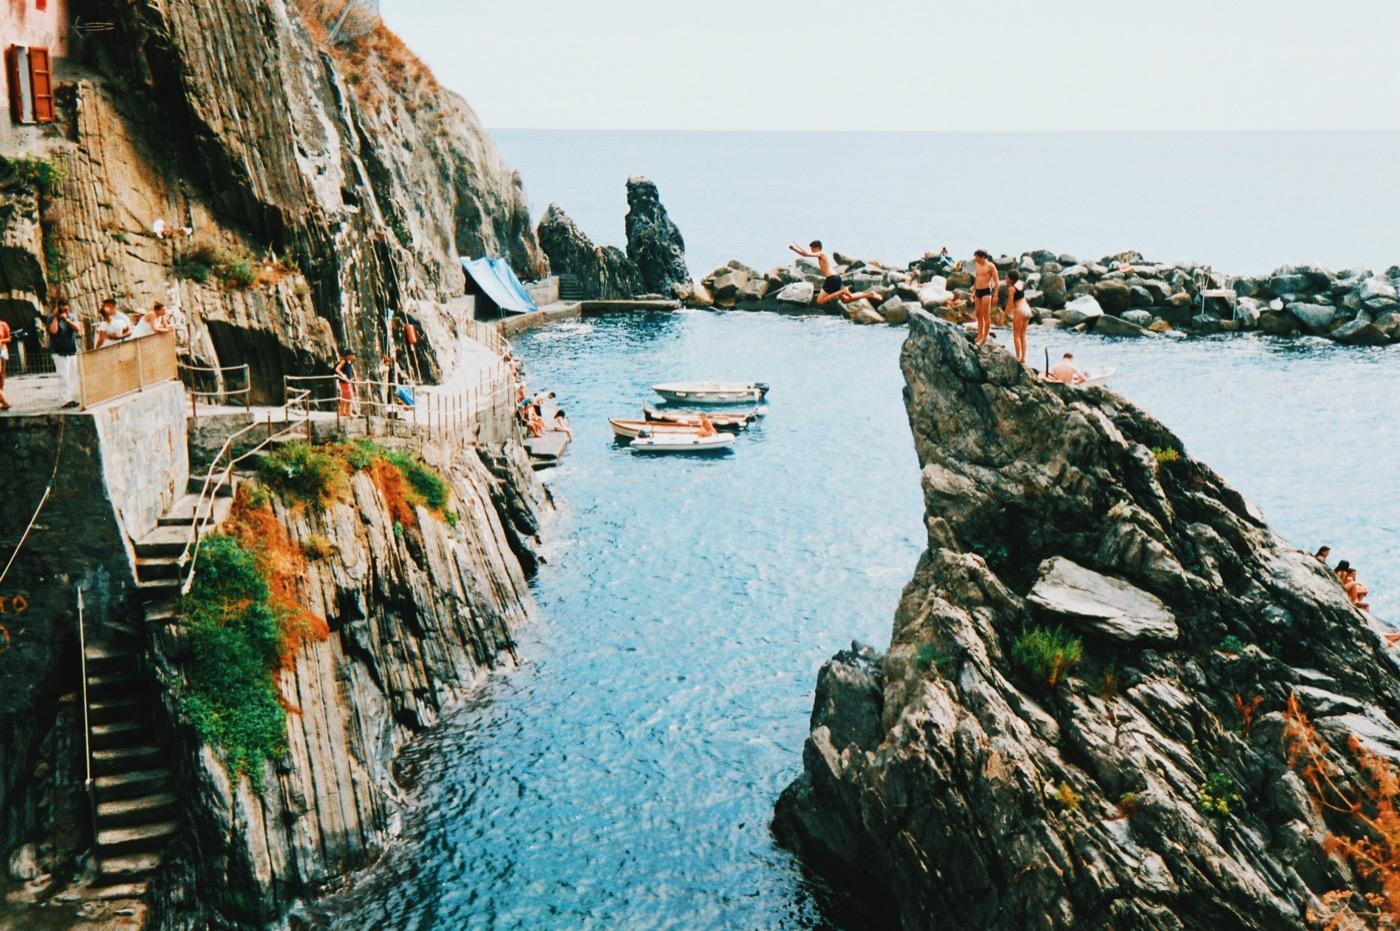 man jumping into ocean - swimming in Manarola, Cinque Terre